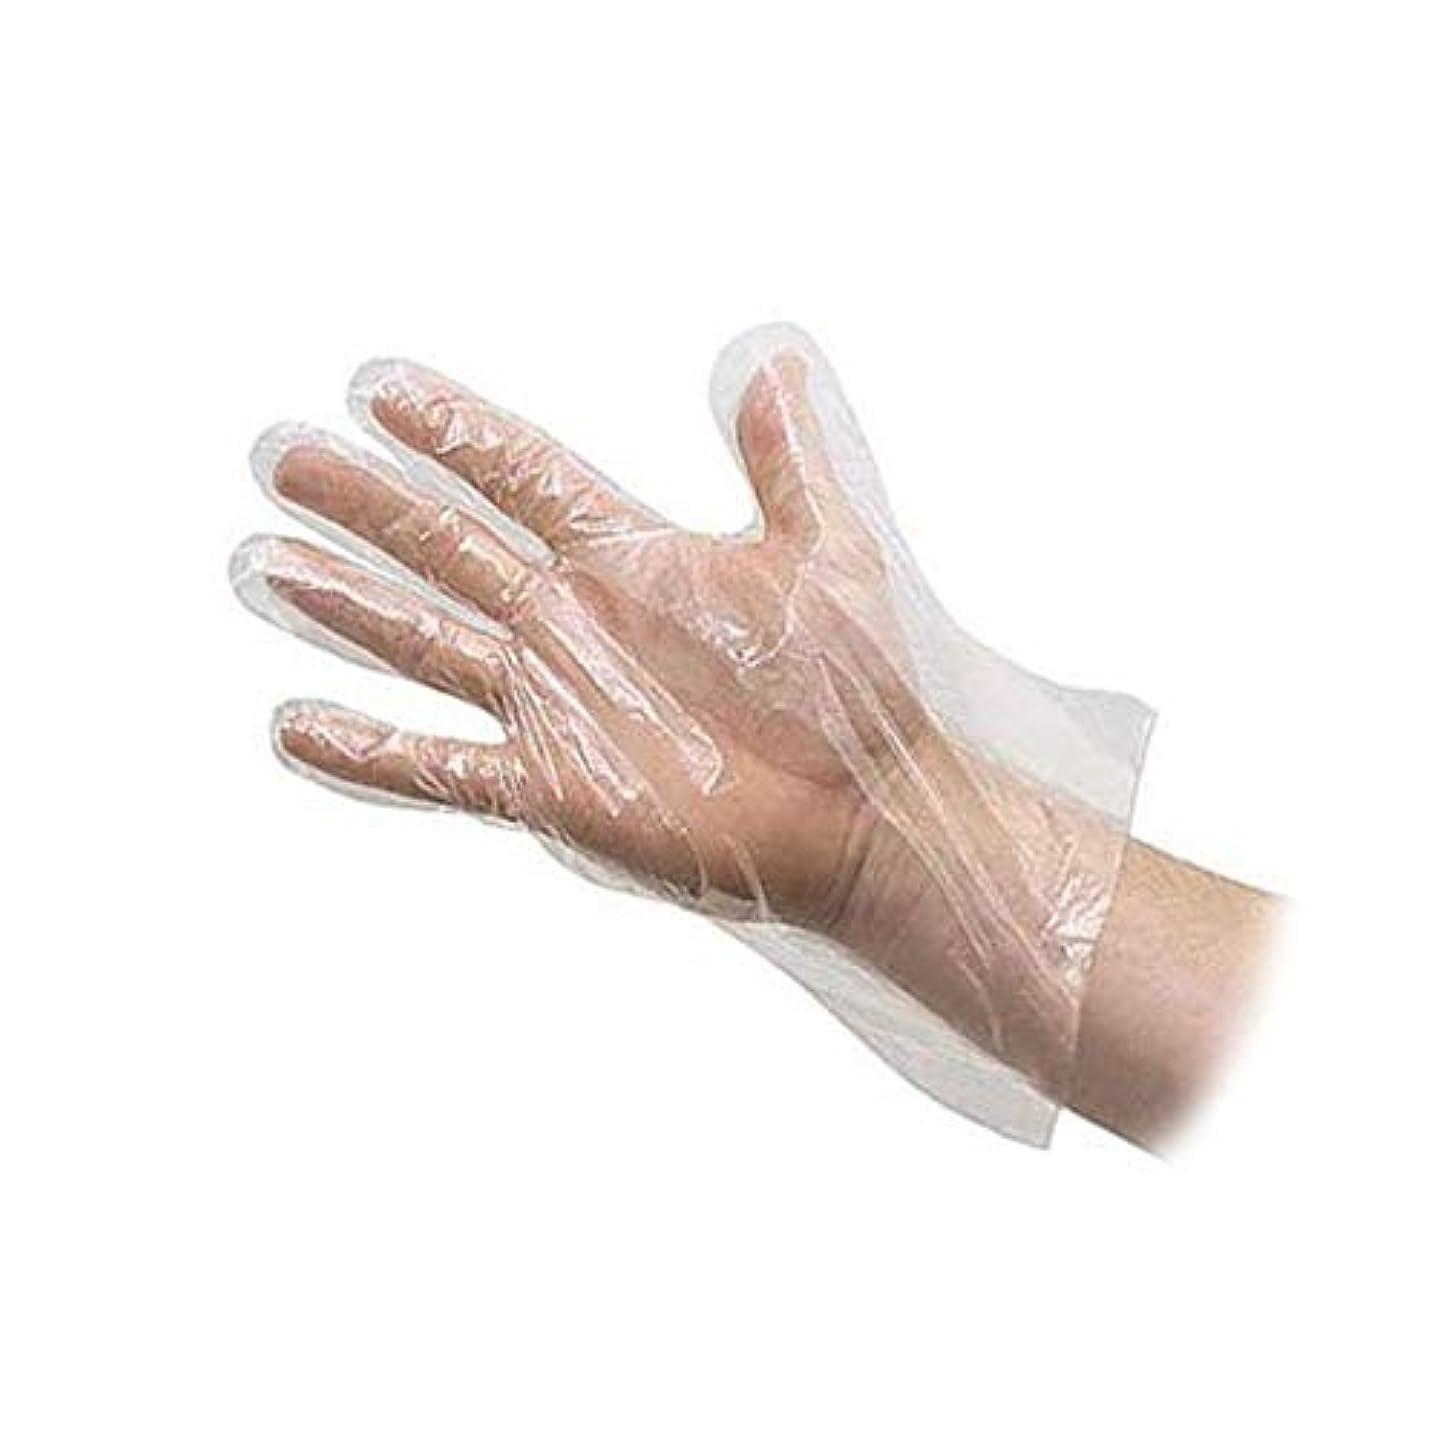 区別するハッピー時制(デマ―クト)De?markt ポリエチレン 手袋 使い捨て手袋 カタエンボス 調理用 食品 プラスチック ホワイト 粉なし 食品衛生 透明 左右兼用 薄型 ビニール極薄手袋 100枚入